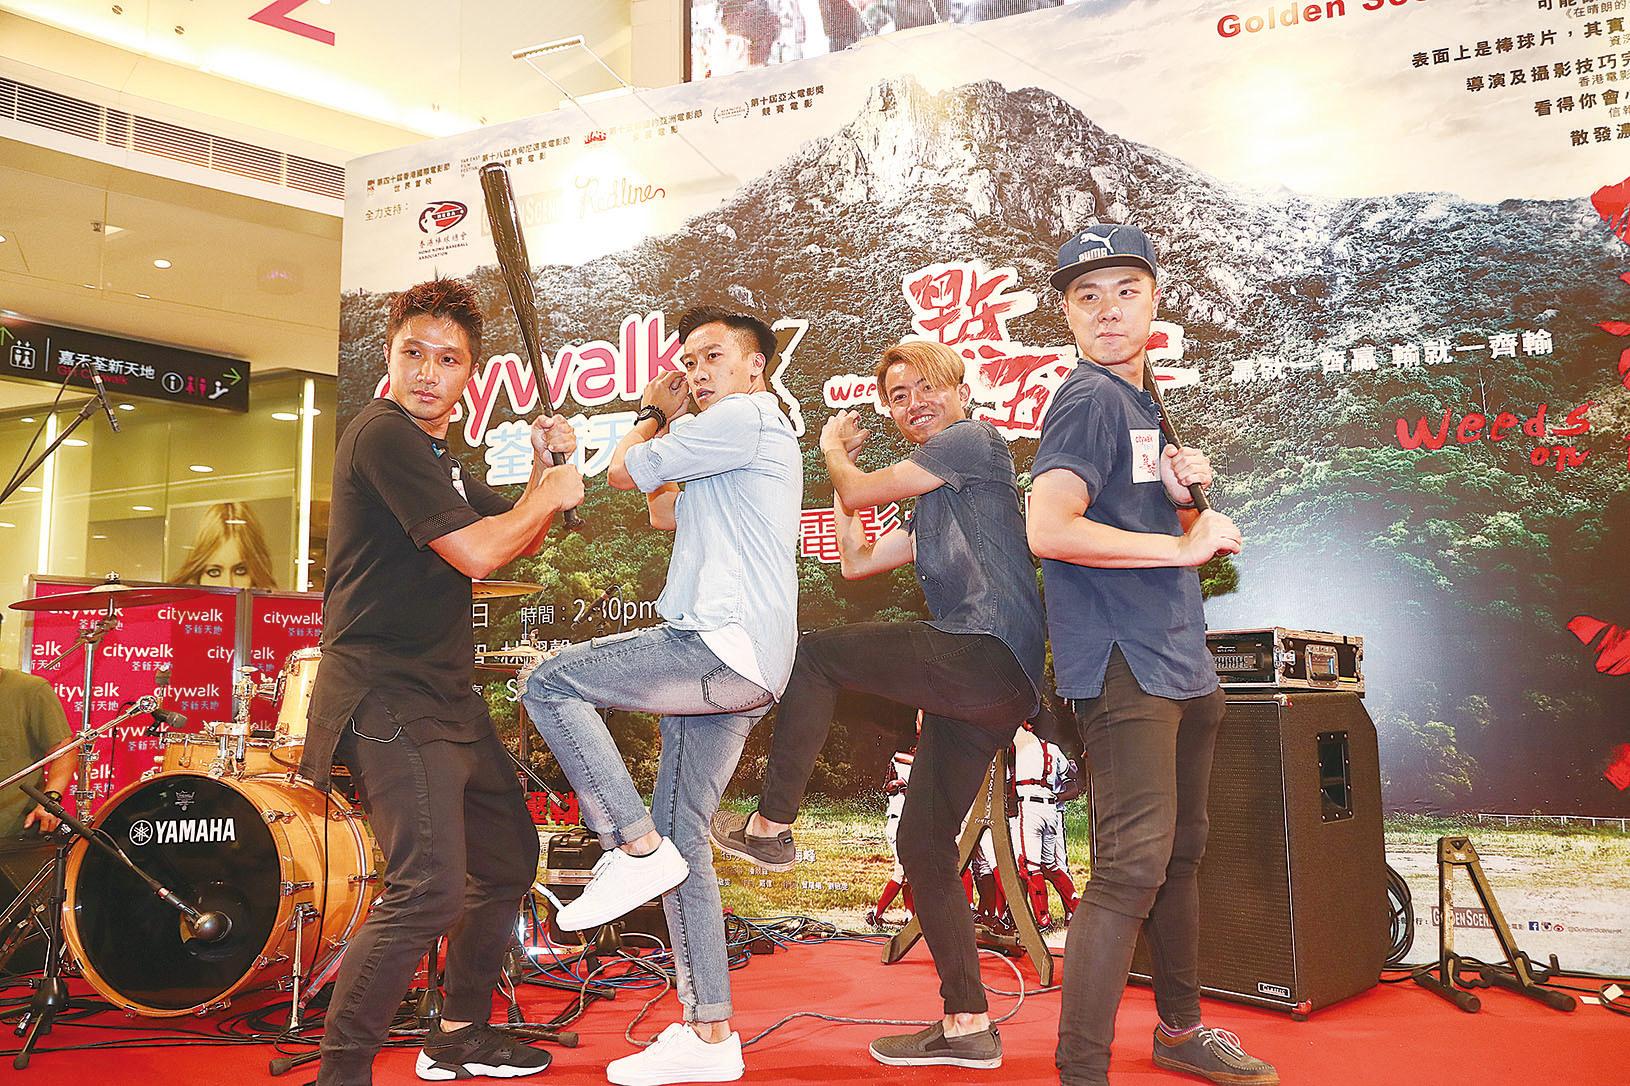 電影《點五步》劇組昨日現身荃灣,為電影公映啟動宣傳。(余鋼/大紀元)